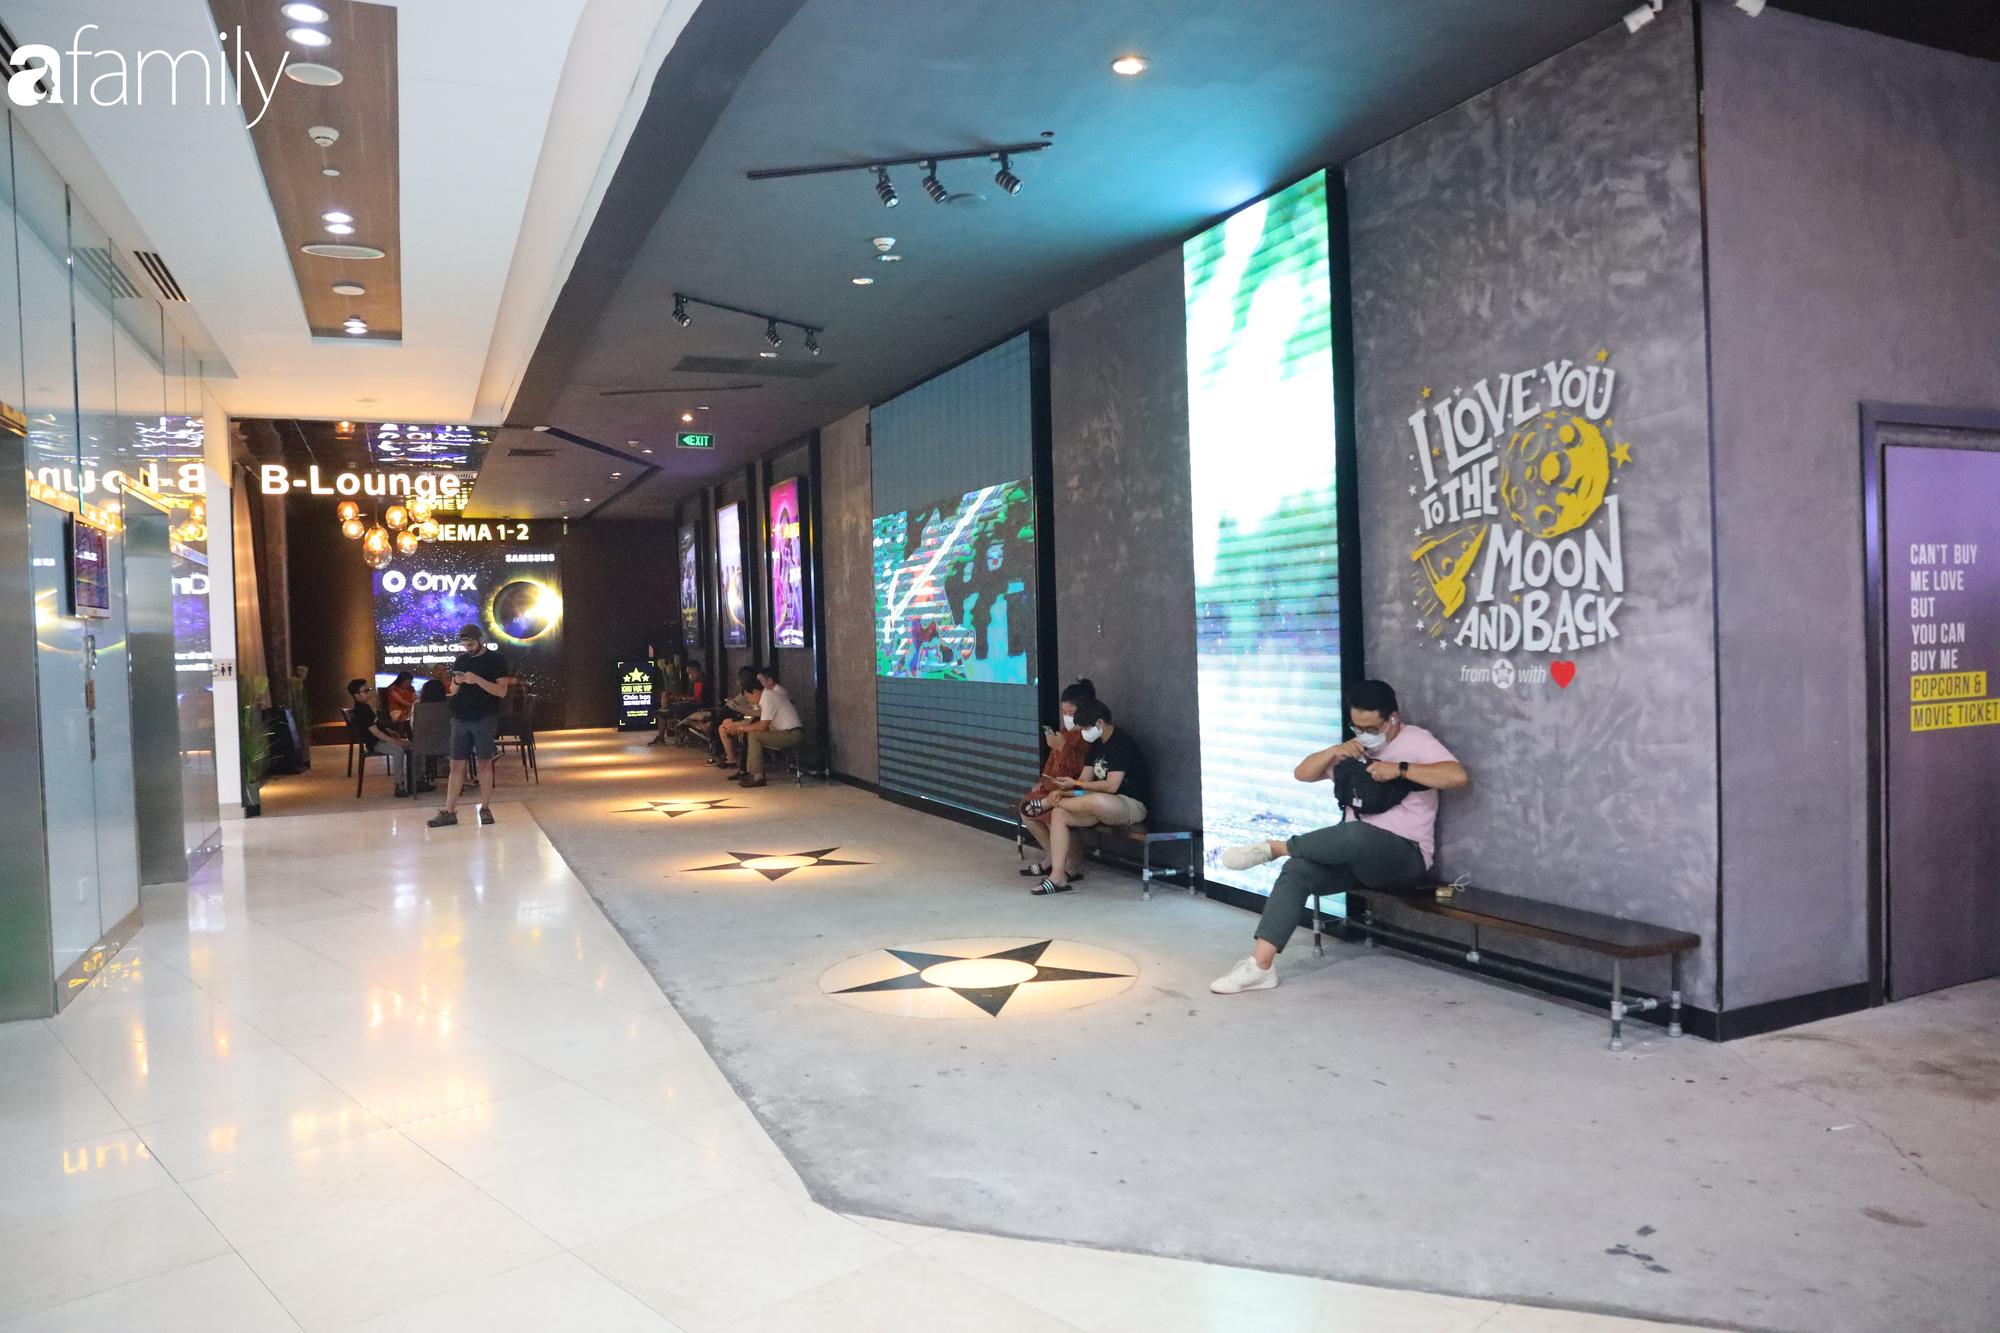 Valentine Hà Nội - Sài Gòn vắng vẻ đìu hiu vì dịch Corona, từ trung tâm thương mại đến phố phường đều ít bóng tình nhân đi chơi - Ảnh 20.